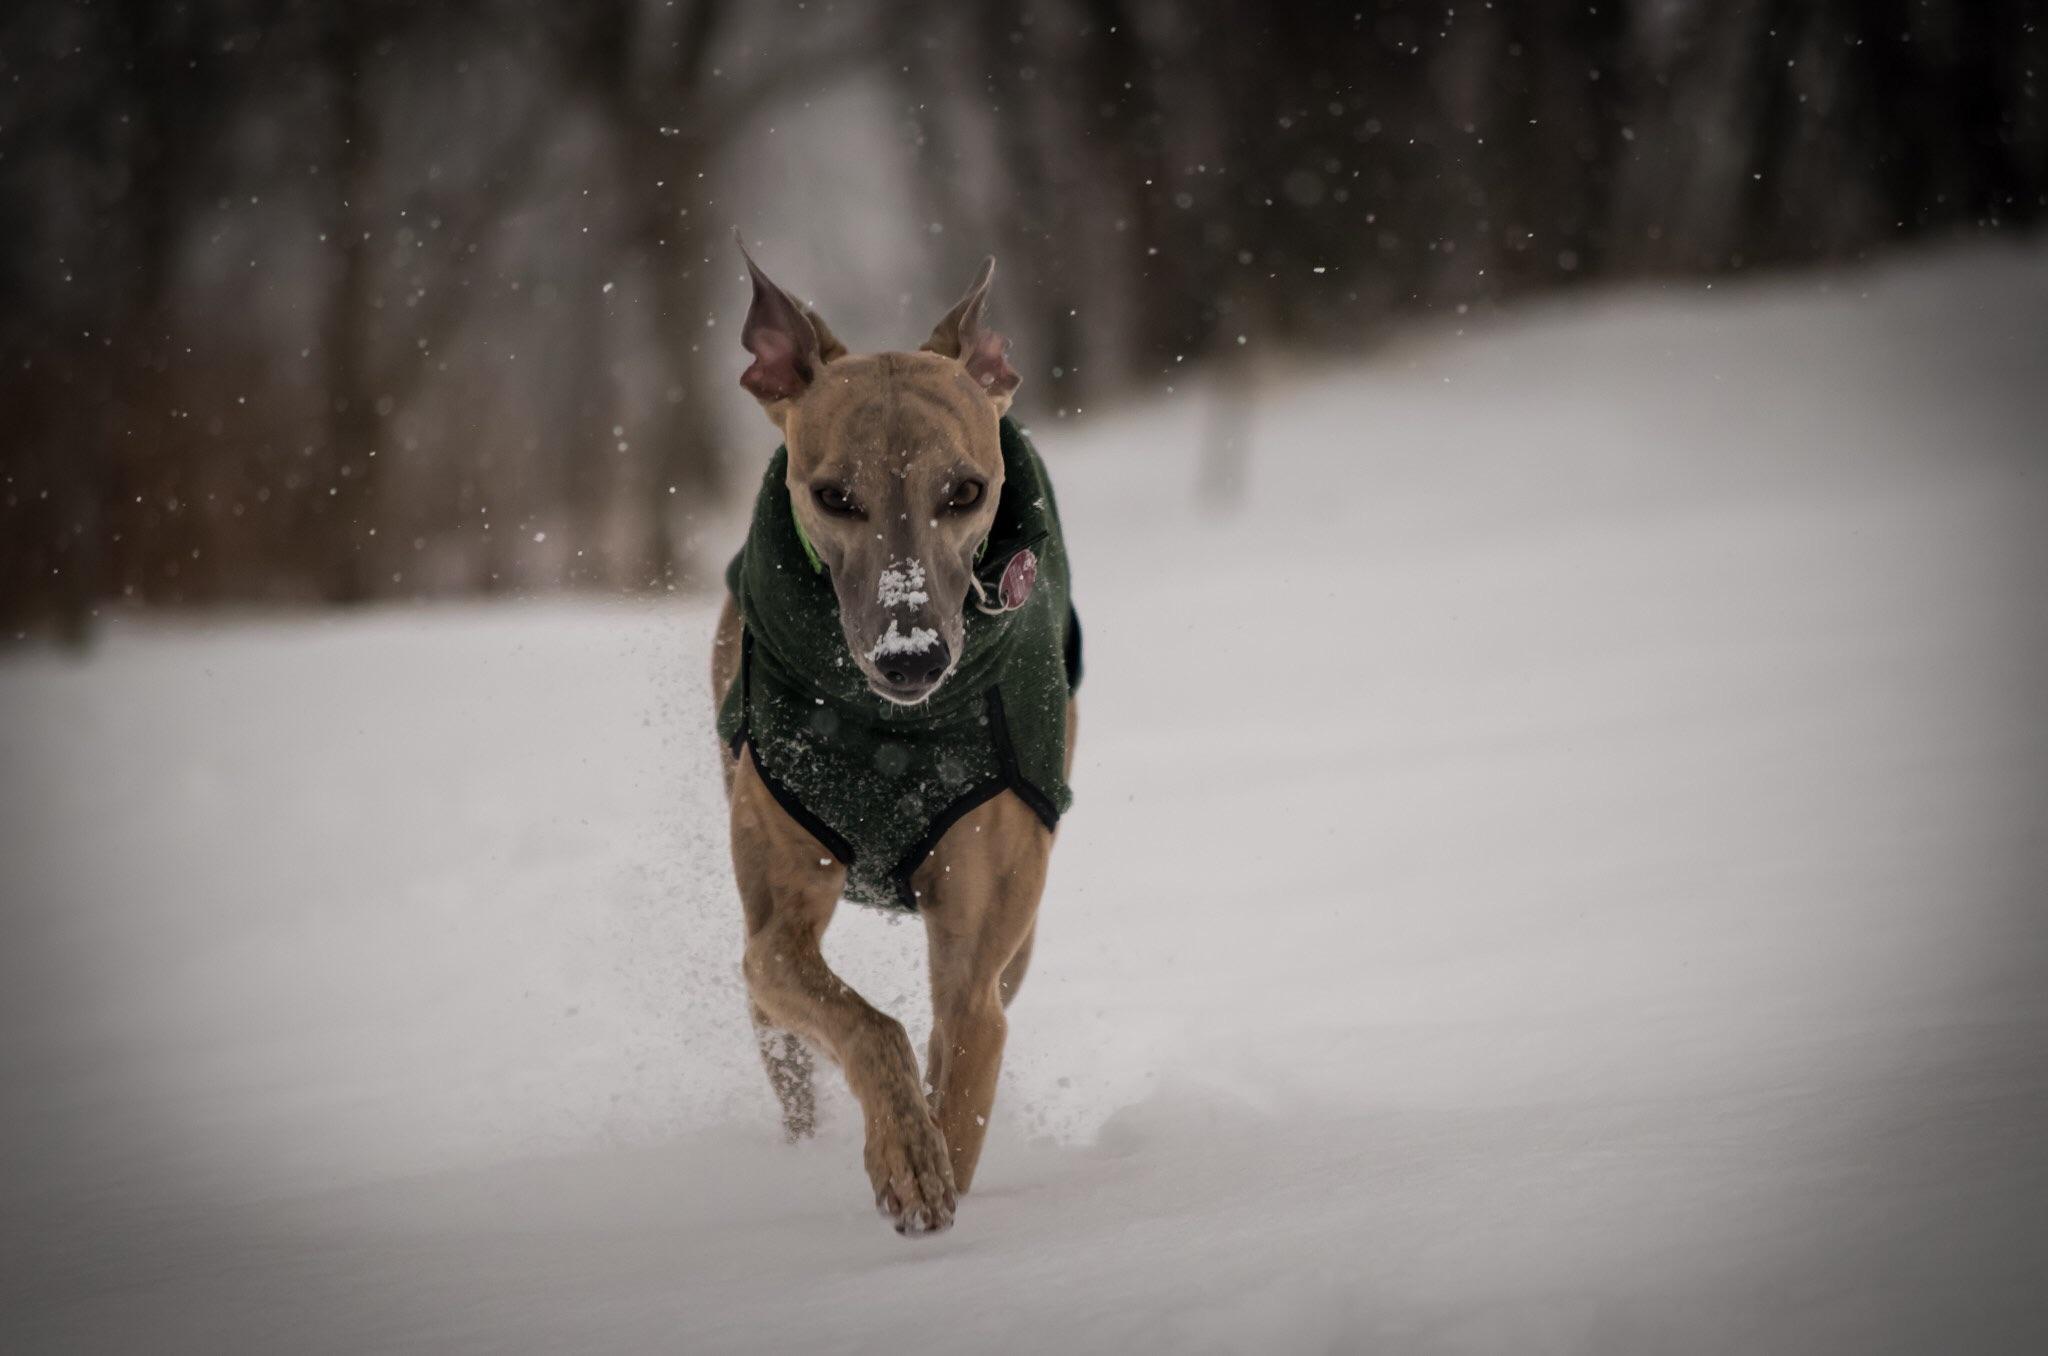 Weihnachtsgeschichte Alistair Hundeblog miDoggy